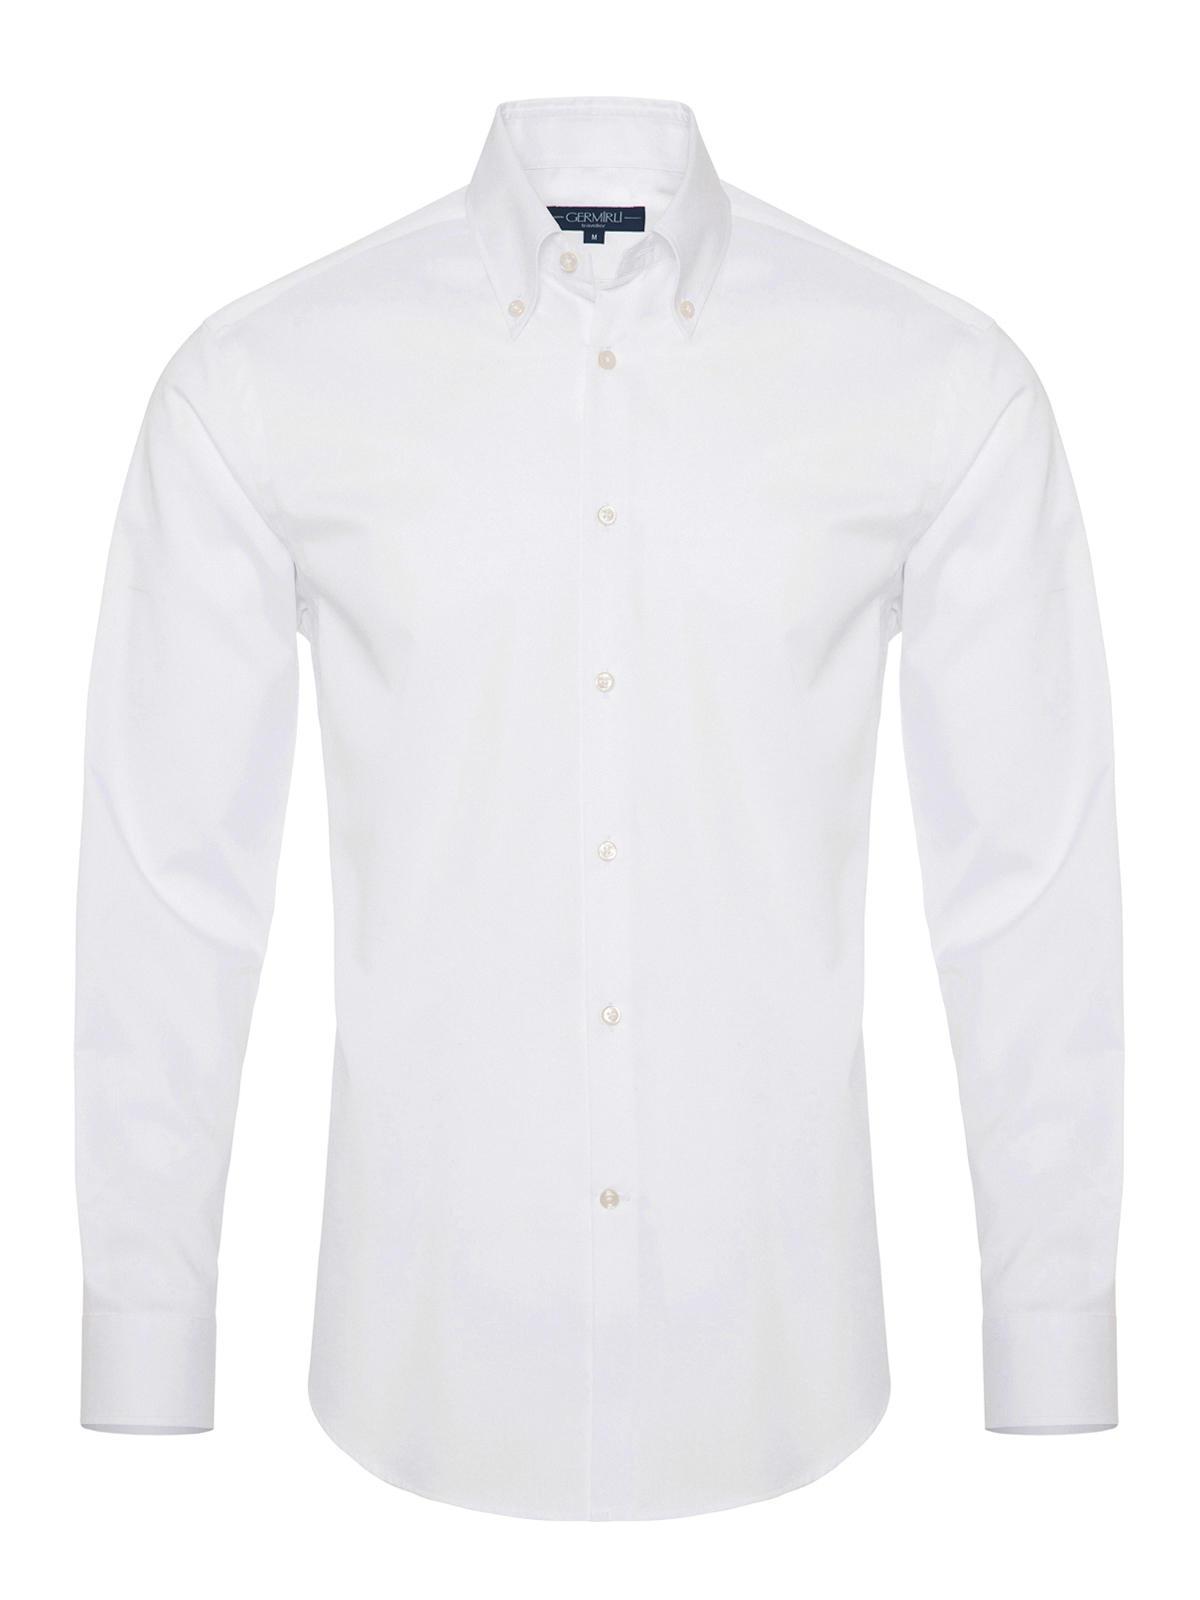 Germirli Non Iron Beyaz Twill Düğmeli Yaka Tailor Fit Zero 24 Gömlek